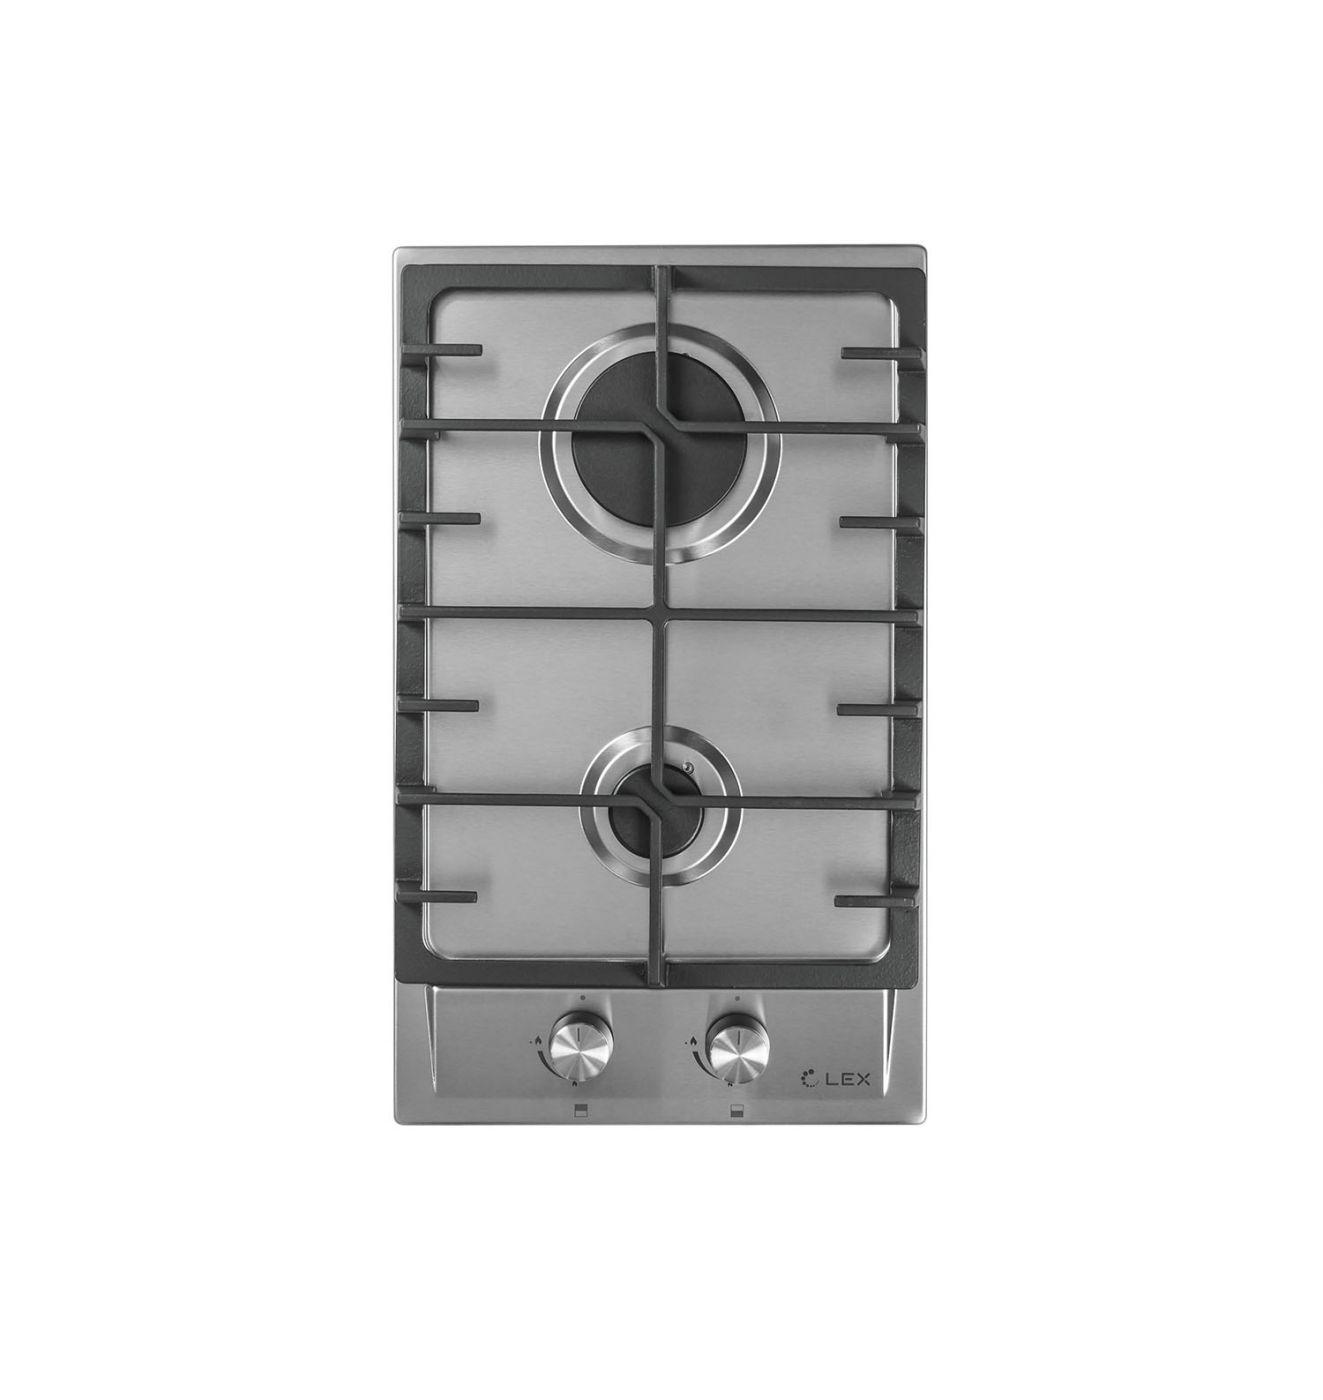 Газовая варочная панель LEX GVS 321 IX (CHAO000218)